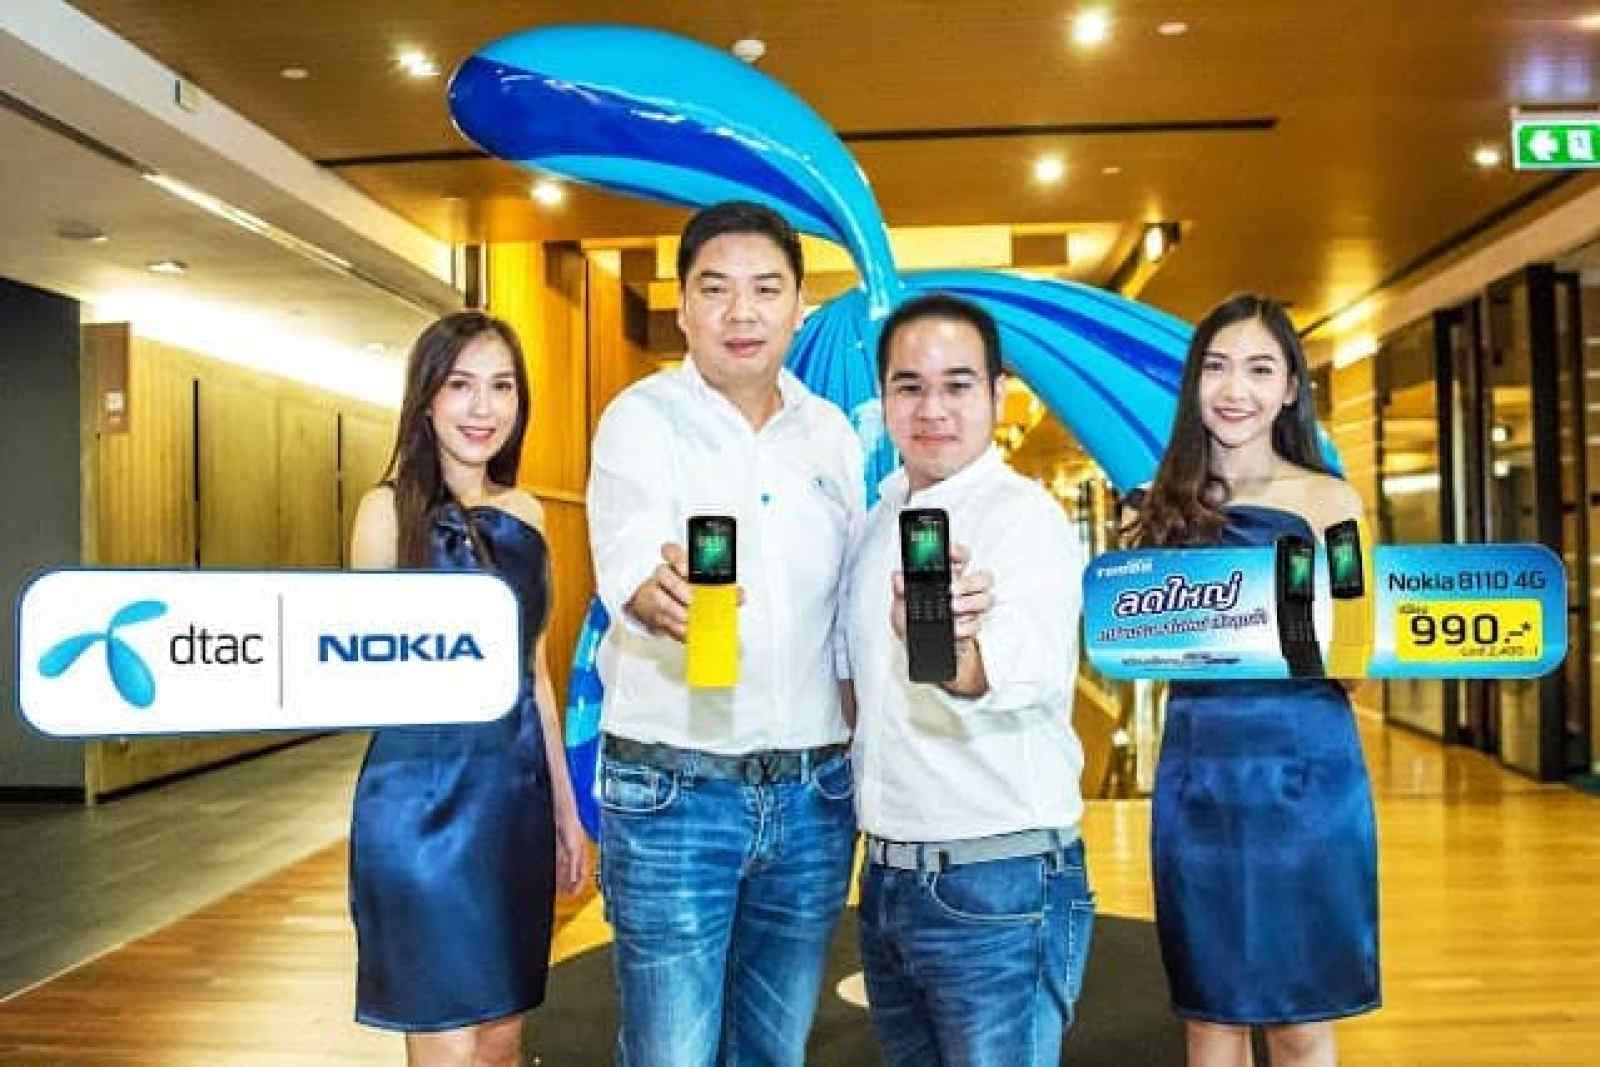 - Nokia2BDTAC Partnership 1 1 - Nokia จับมือ DTAC จัดโปรฯ สุดจี๊ด เอาใจแฟนพันธุ์แท้ Nokia 8110 4G